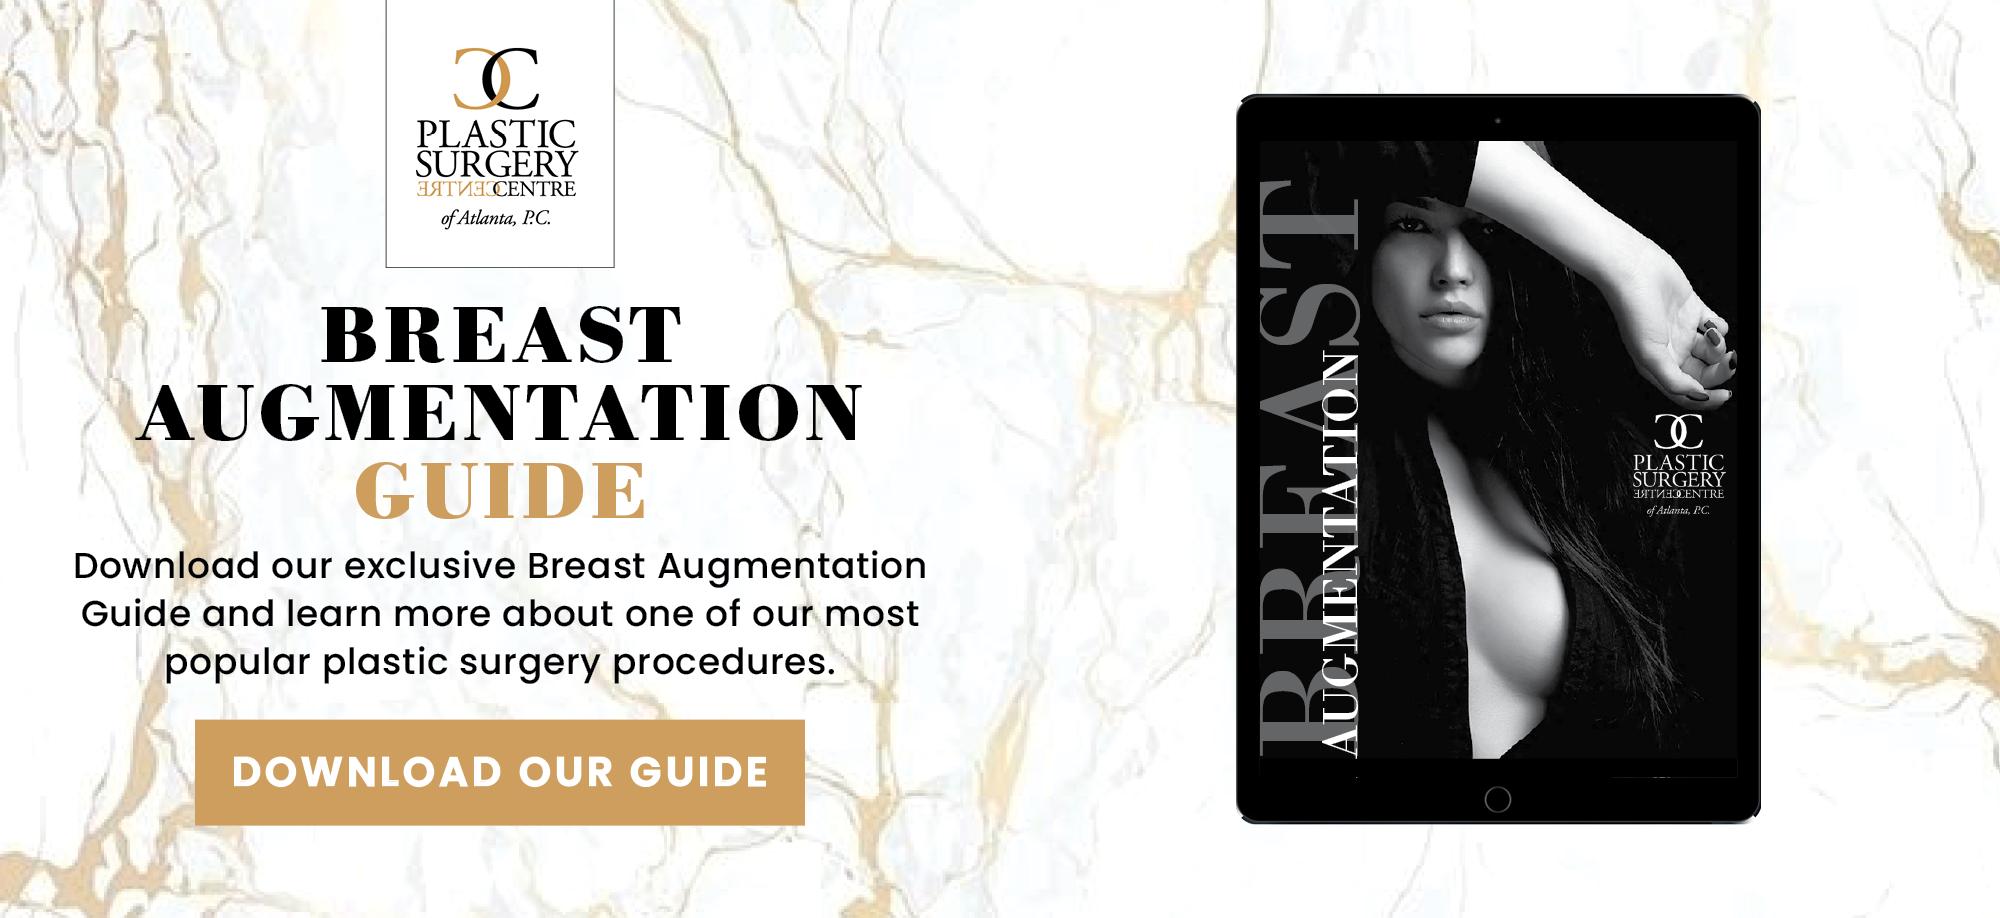 Breast Augmentation Guide CTA